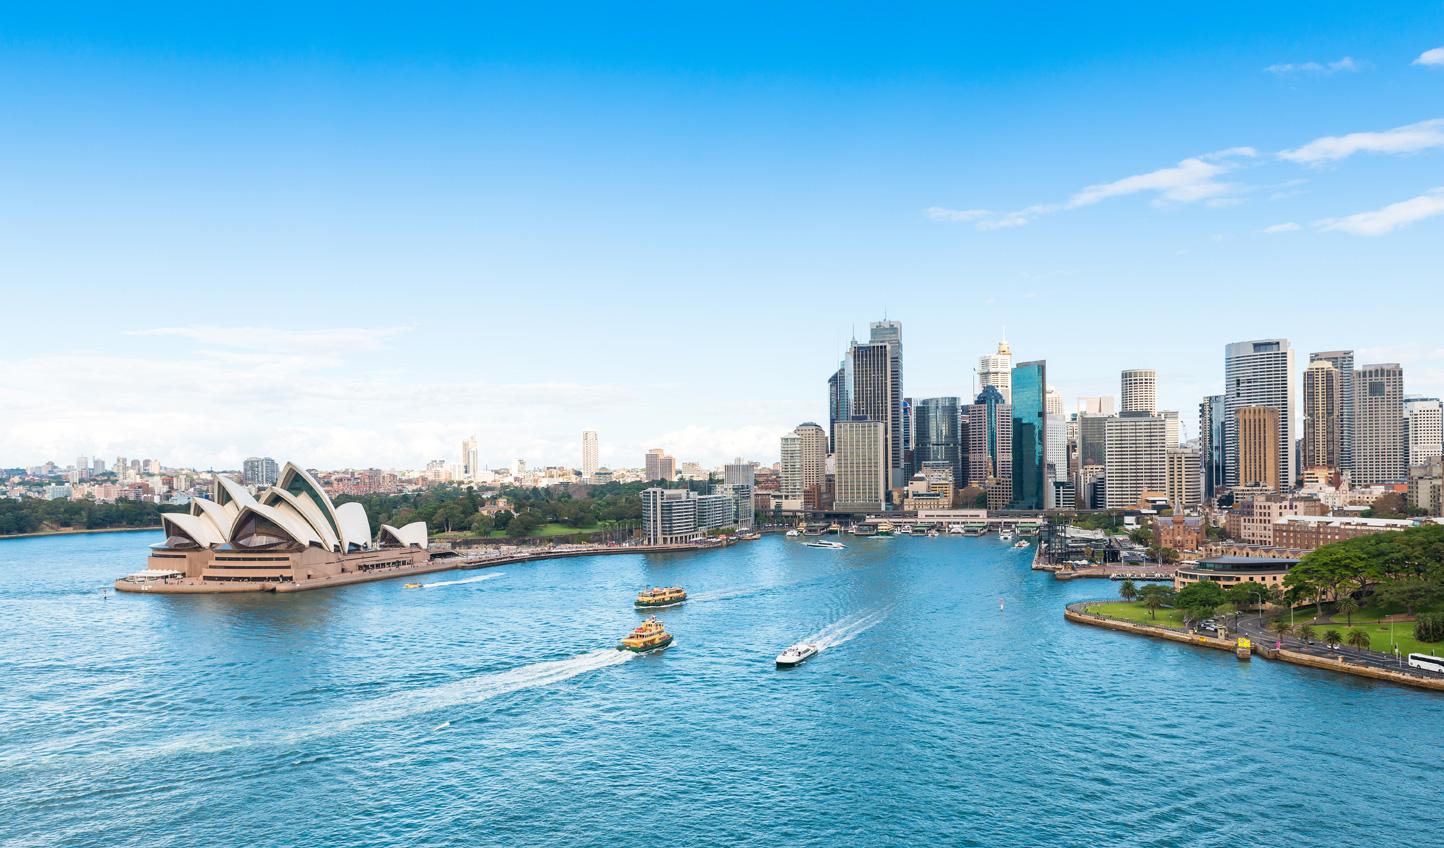 Explore Australia's iconic capital